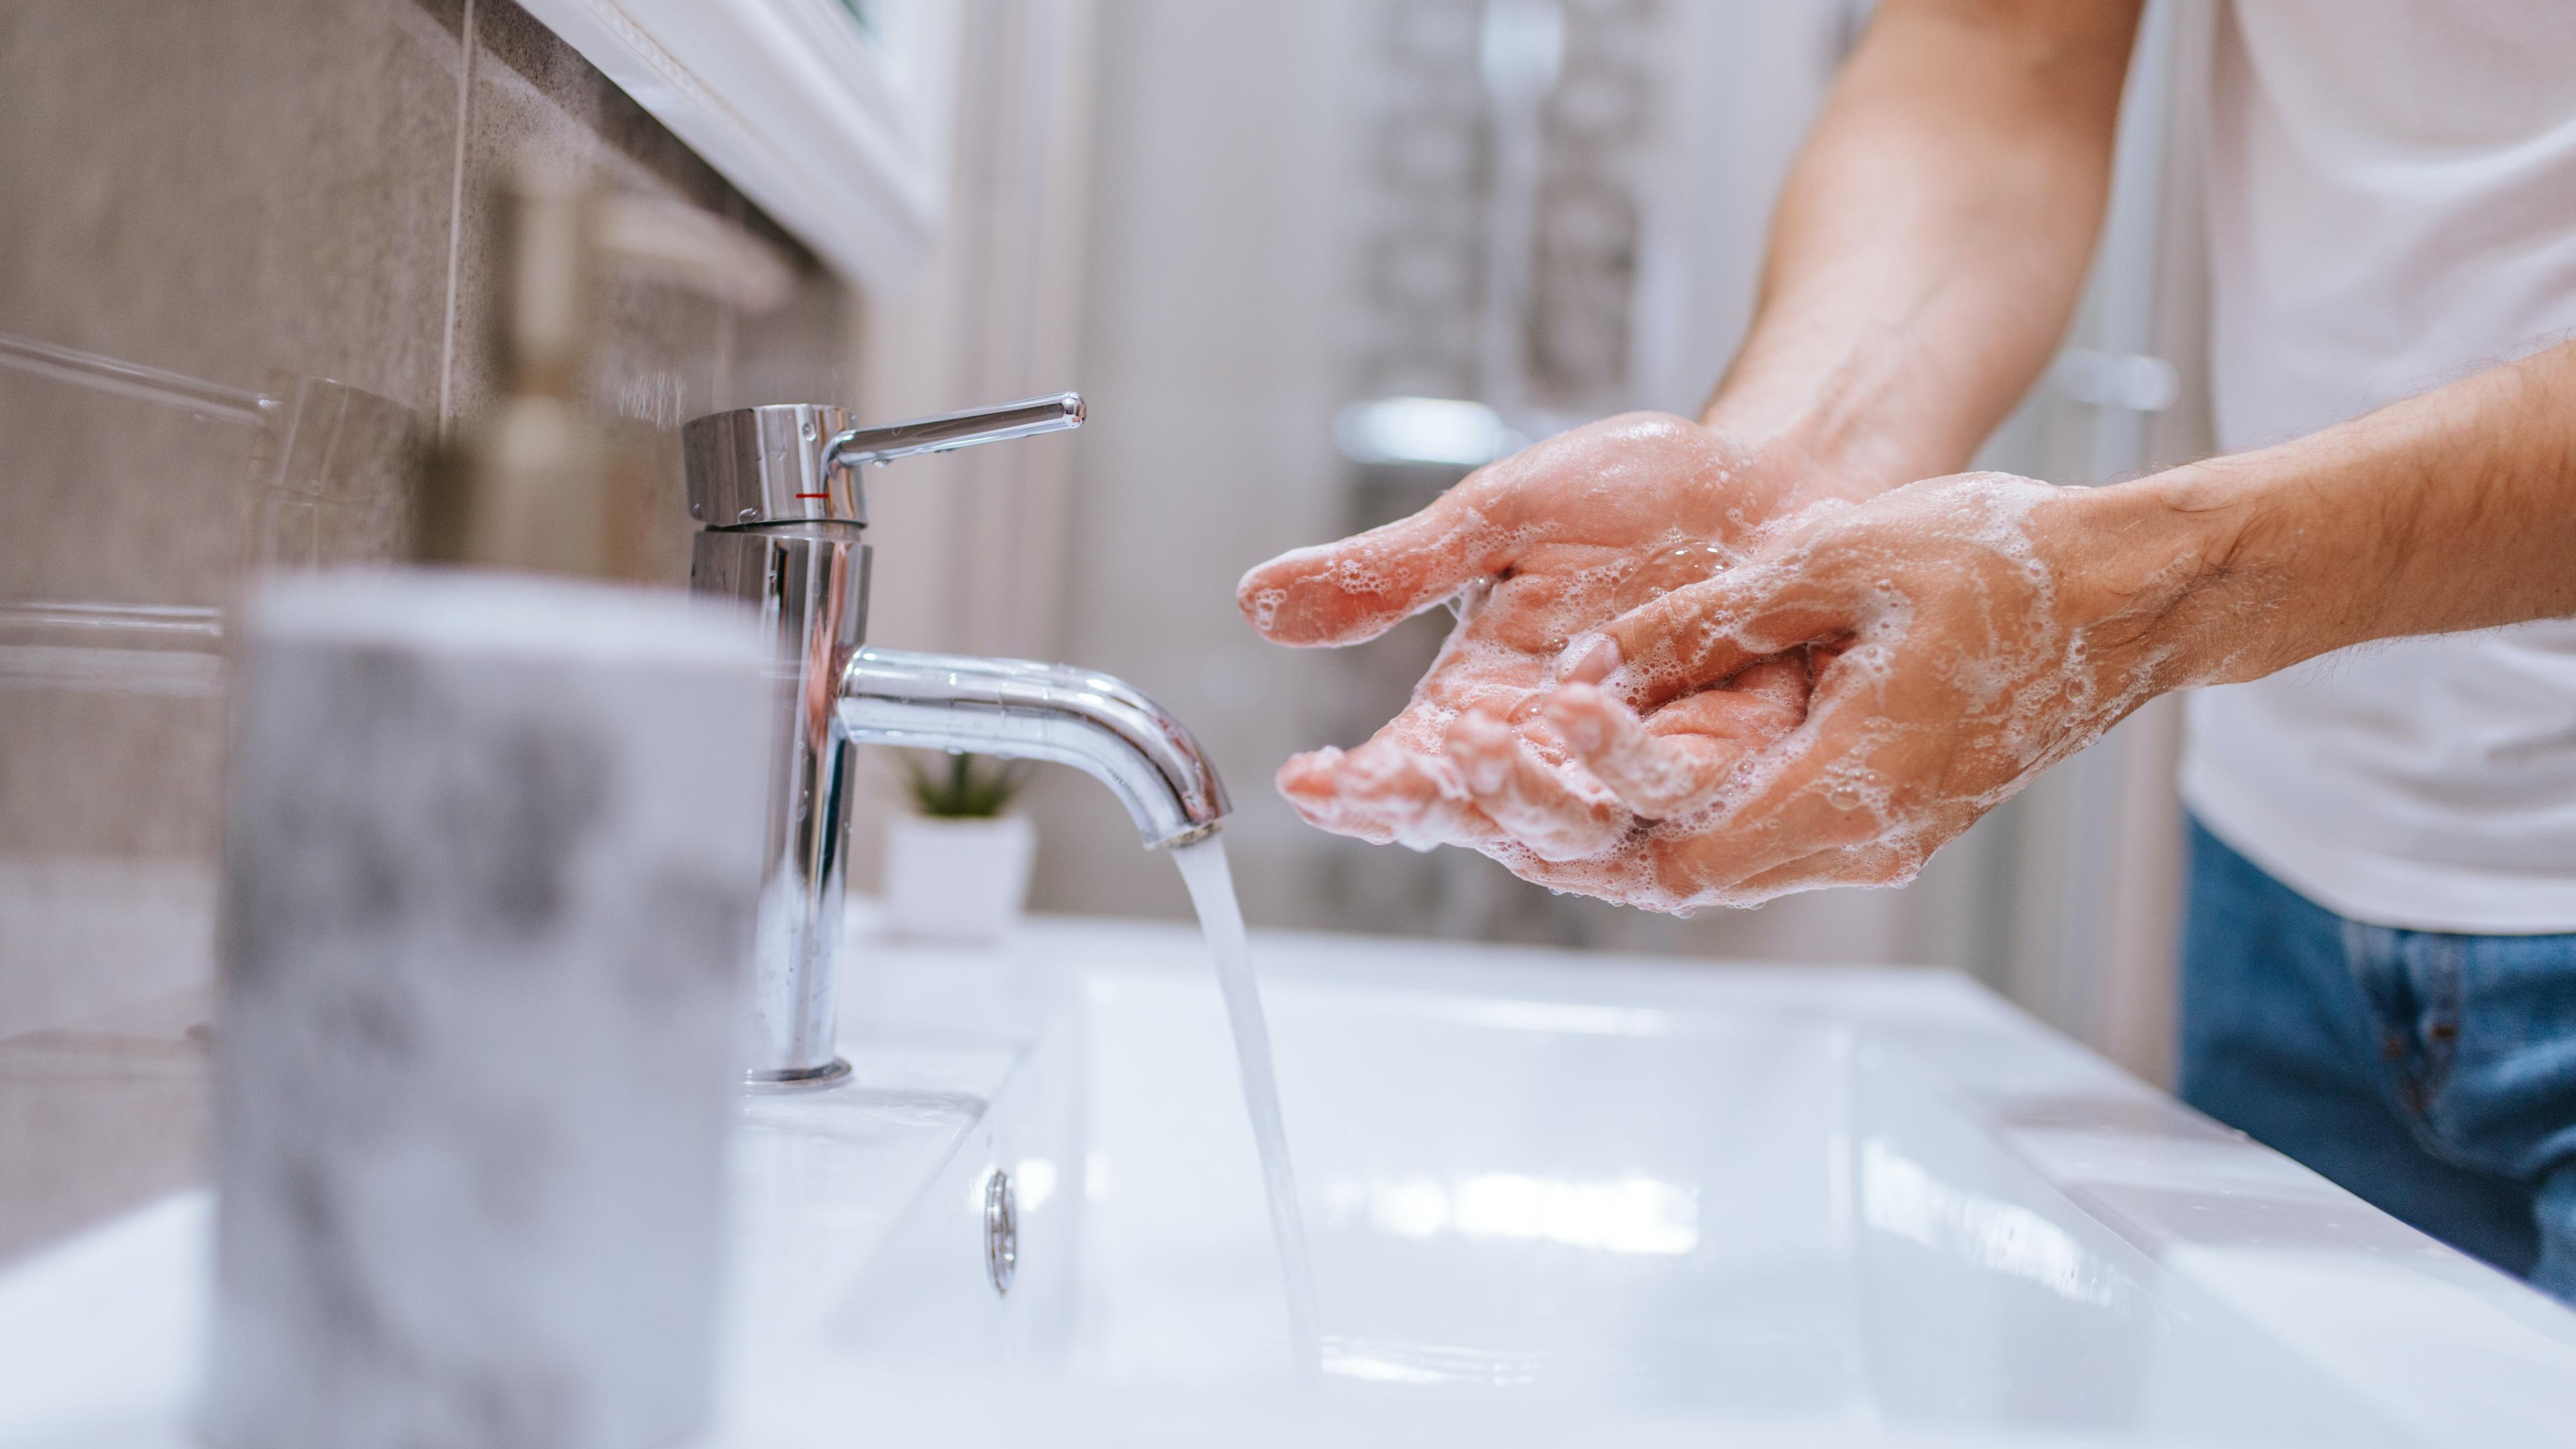 Все в твоих руках: 5 важных фактов о гигиене рук в эпоху COVID-19